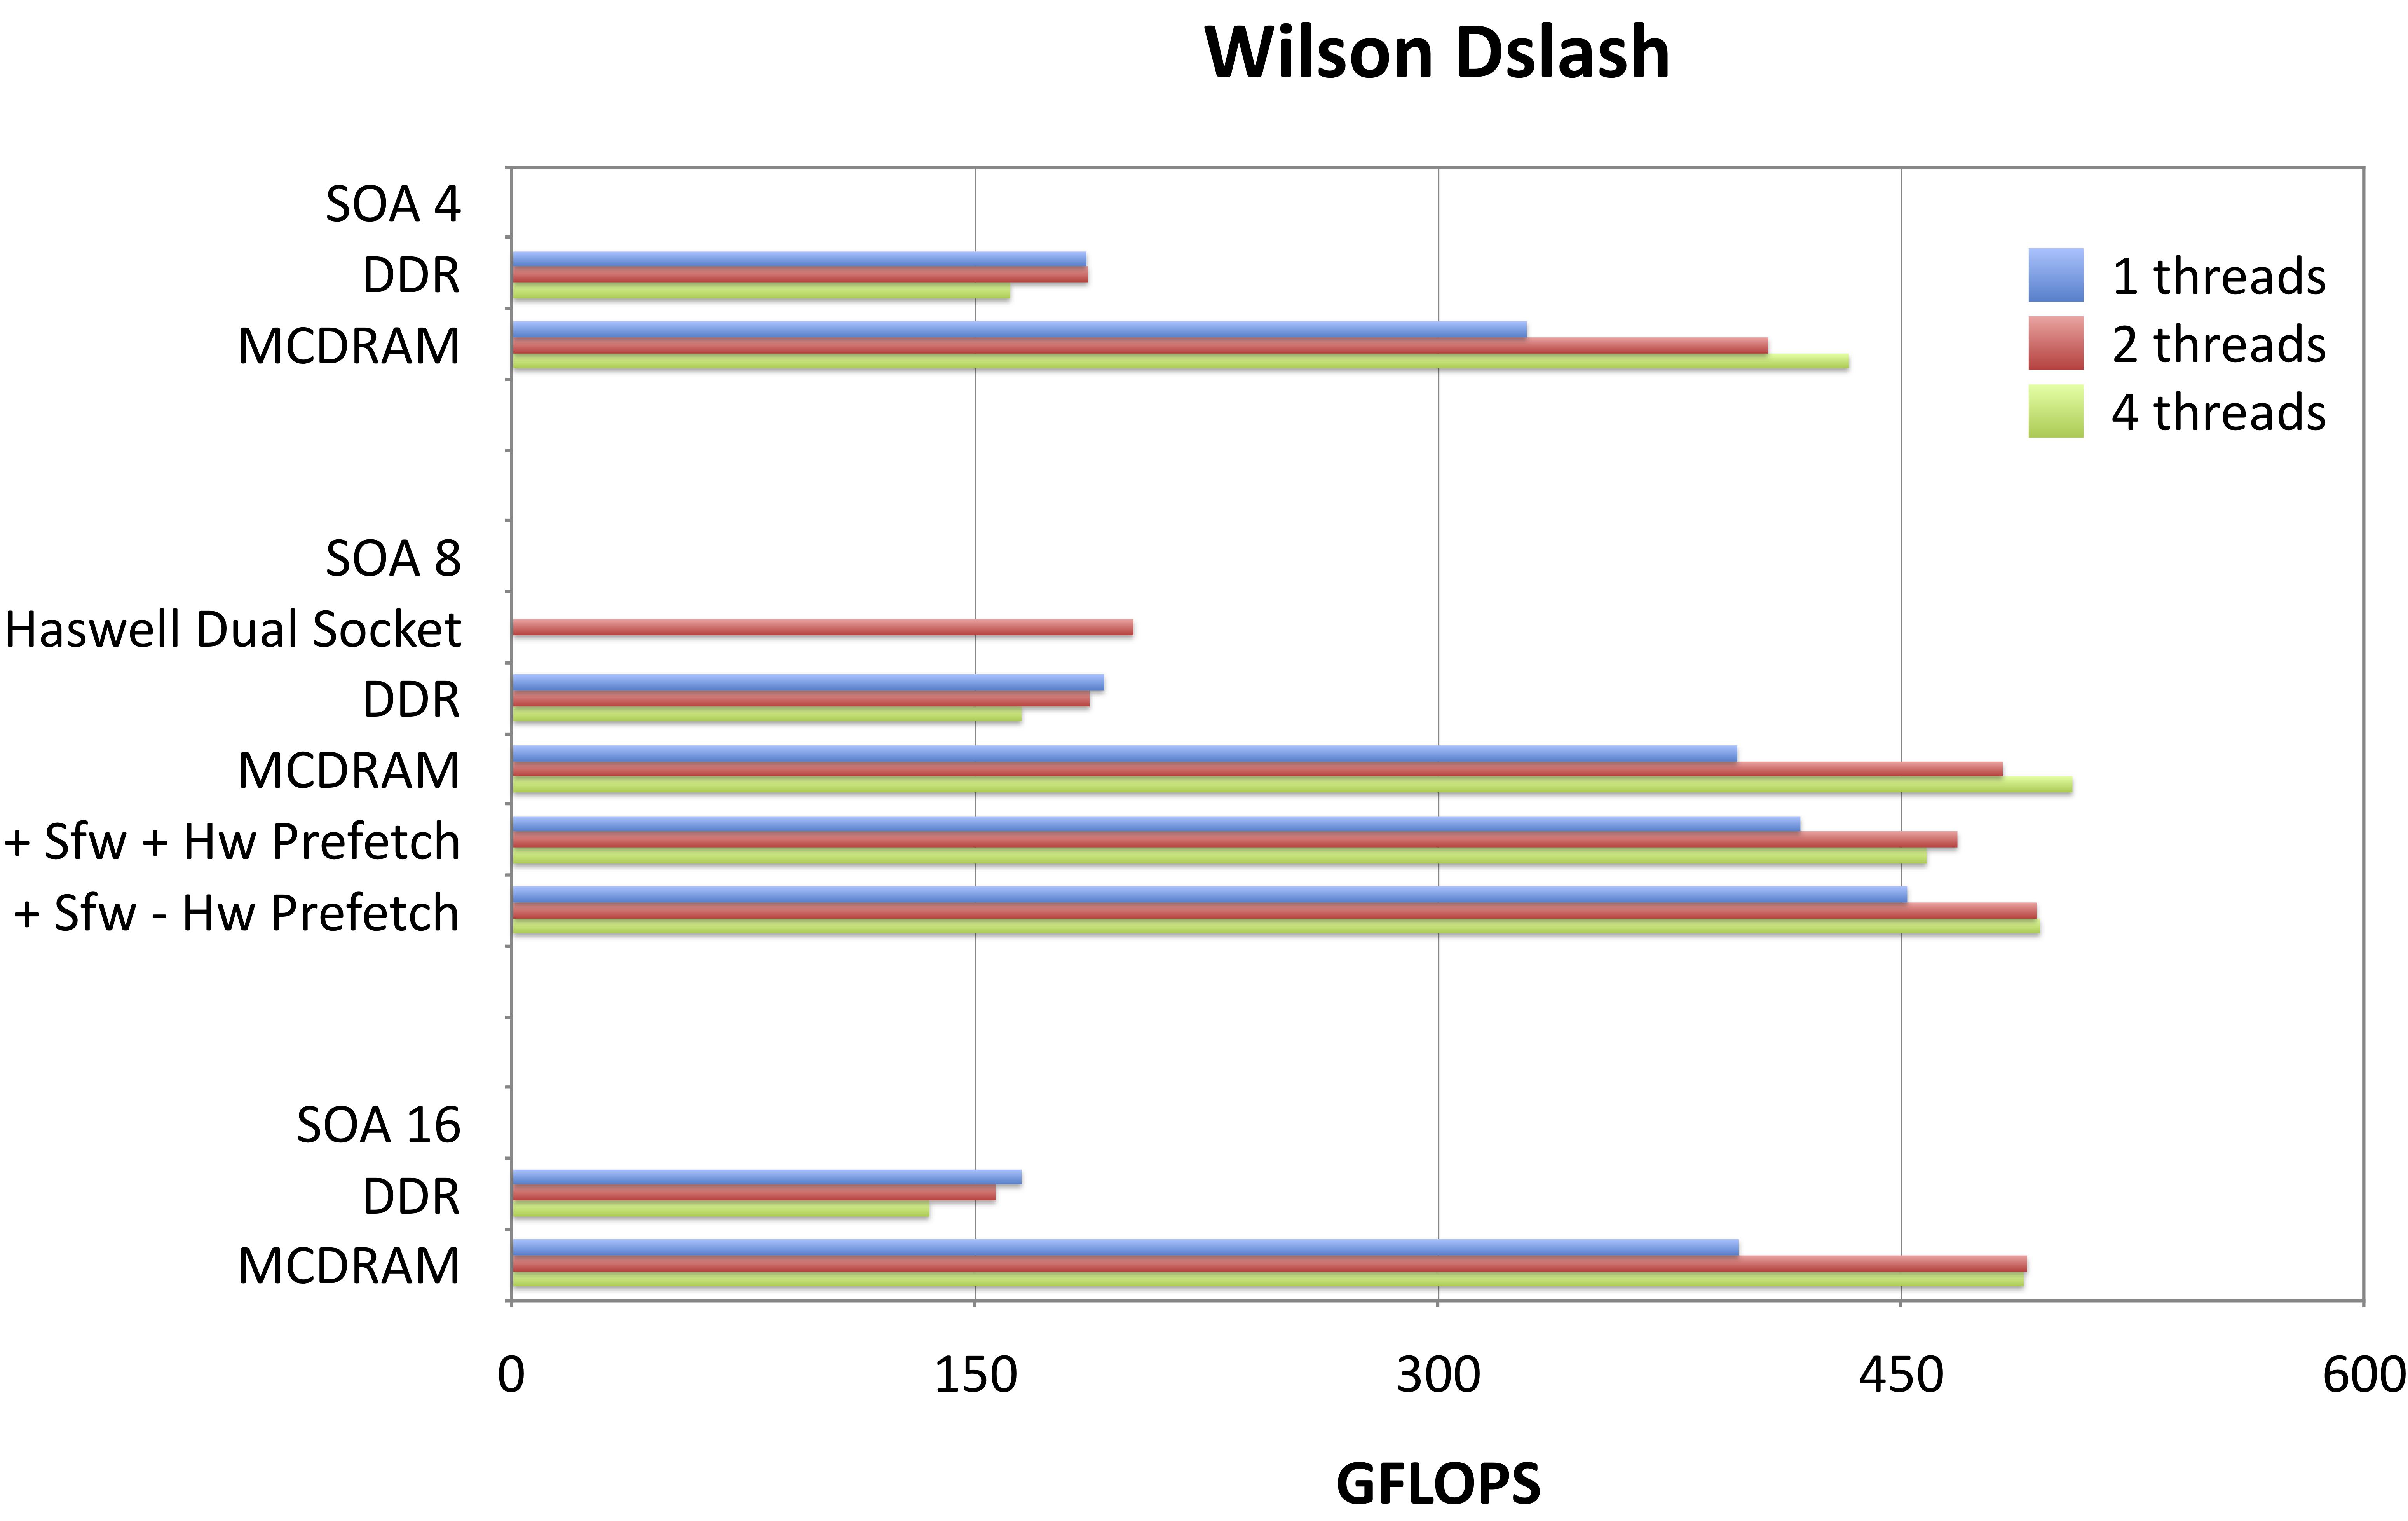 docs/performance/case-studies/qphix/images/wilson_dslash_lf.png